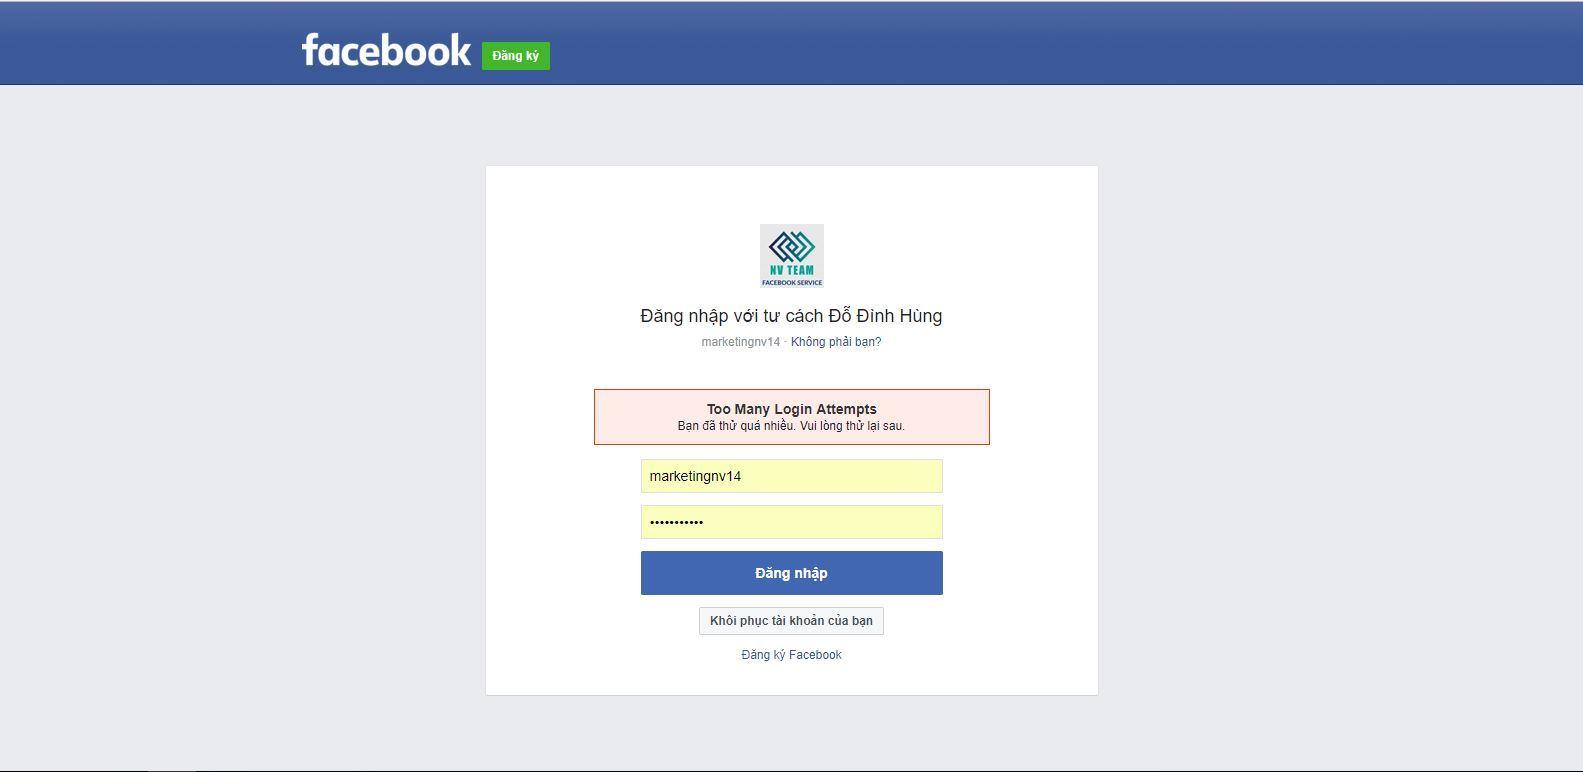 Hỗ trợ lấy lại mật khẩu Facebook nhờ bạn bè tin cậy - image 3-1 on https://atpsoftware.vn